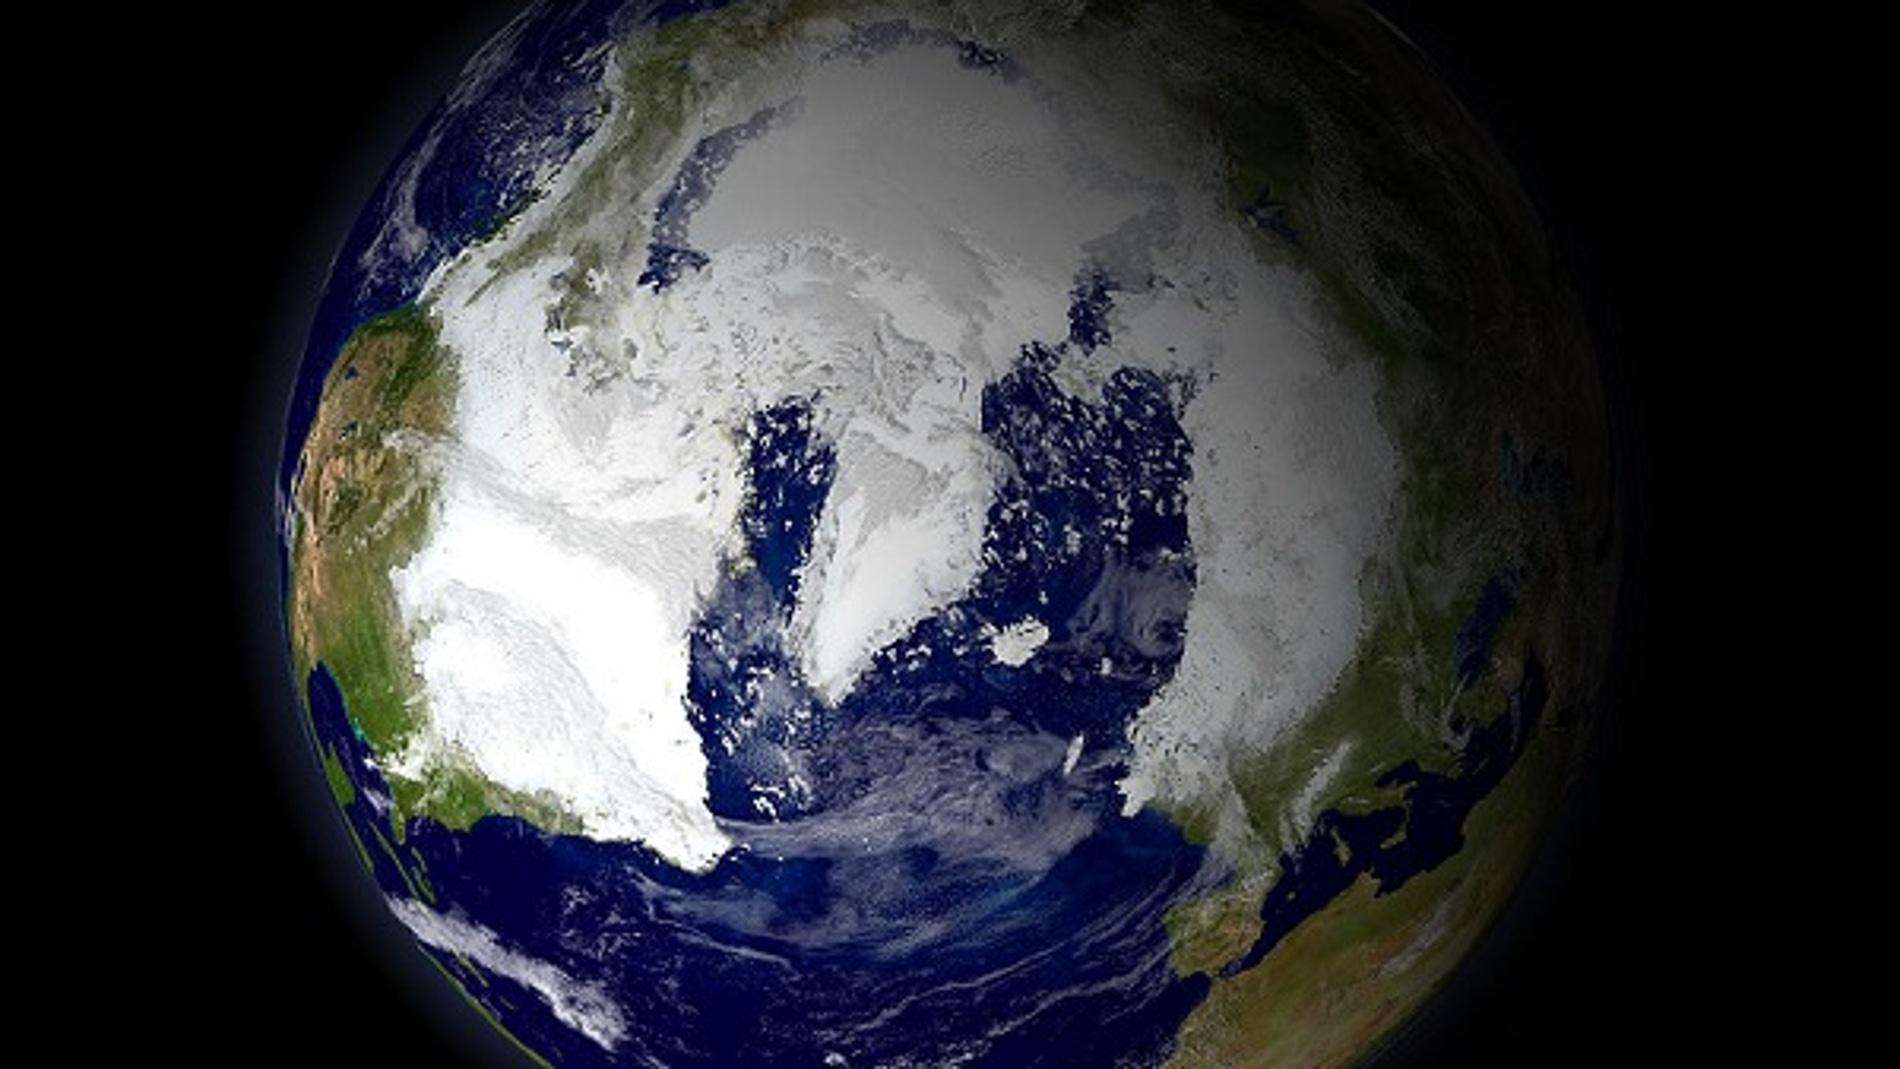 Las temperaturas globales se volvieron más frías y las capas de hielo se extendieron por el planeta durante este particular periodo del Cuaternario.